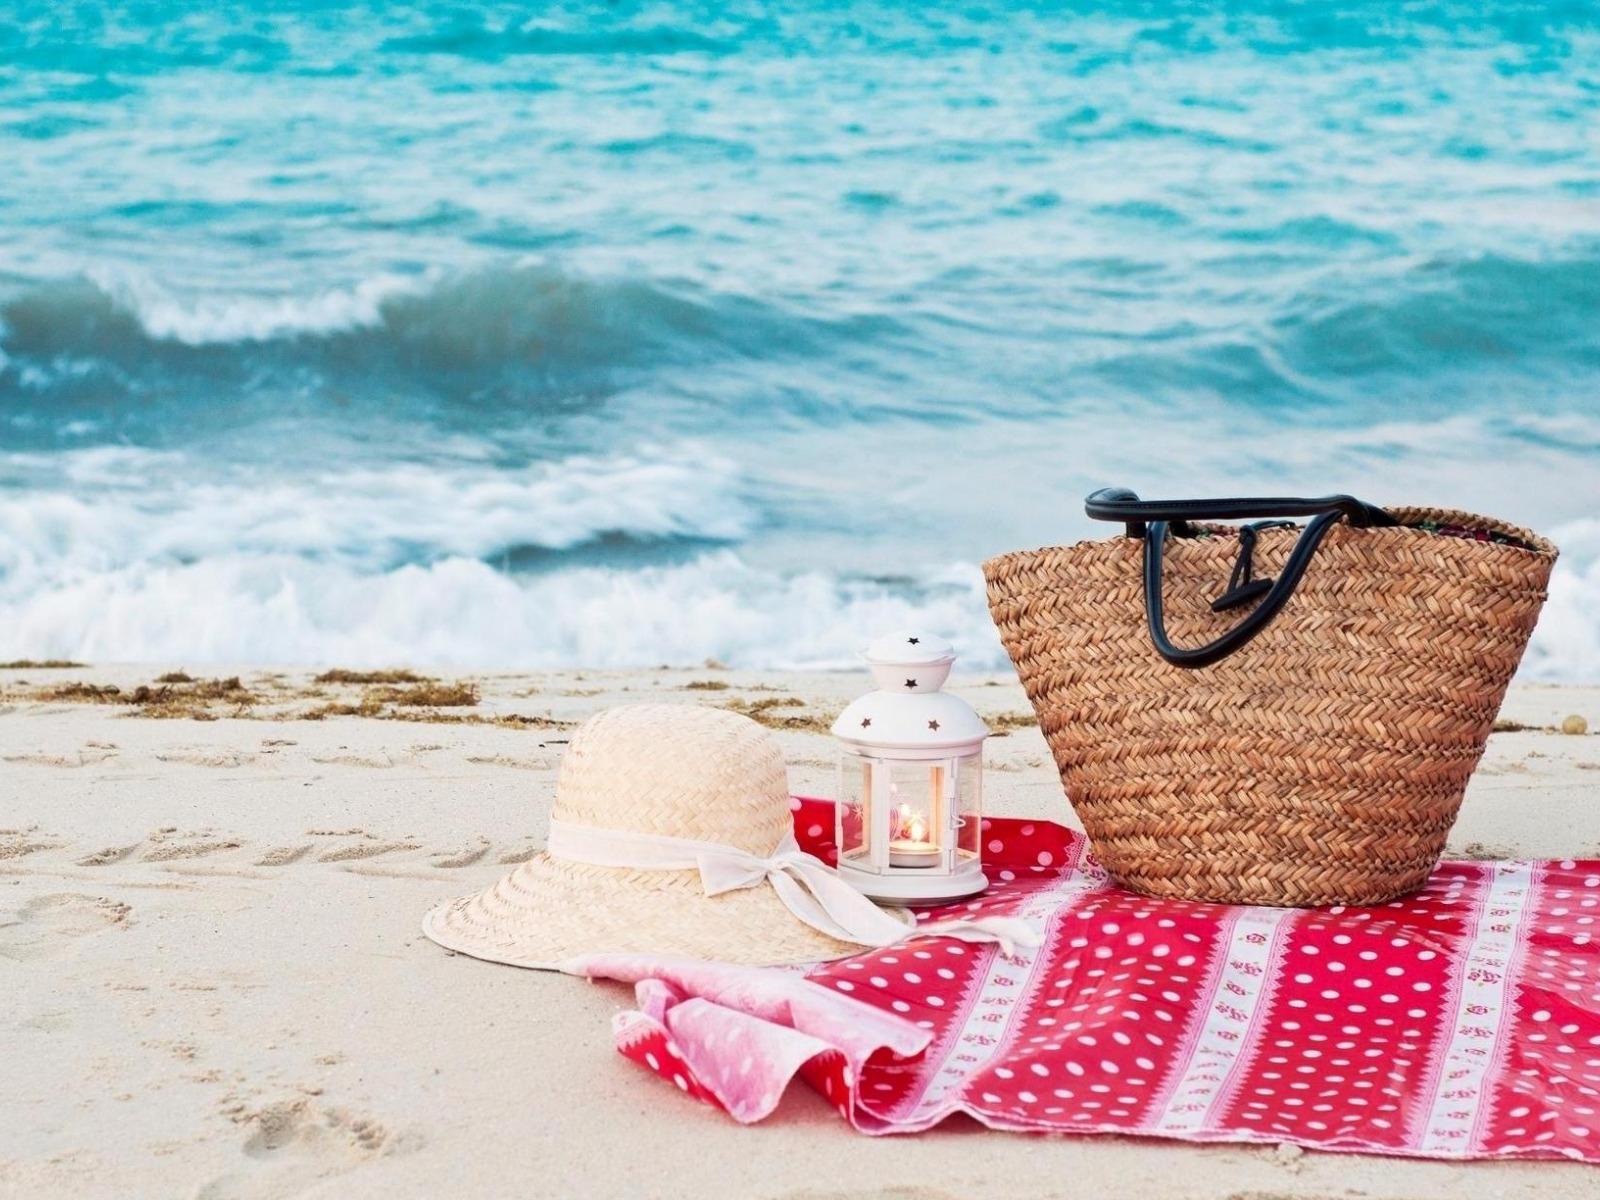 картинки для отпуска на море модели, которые доступны